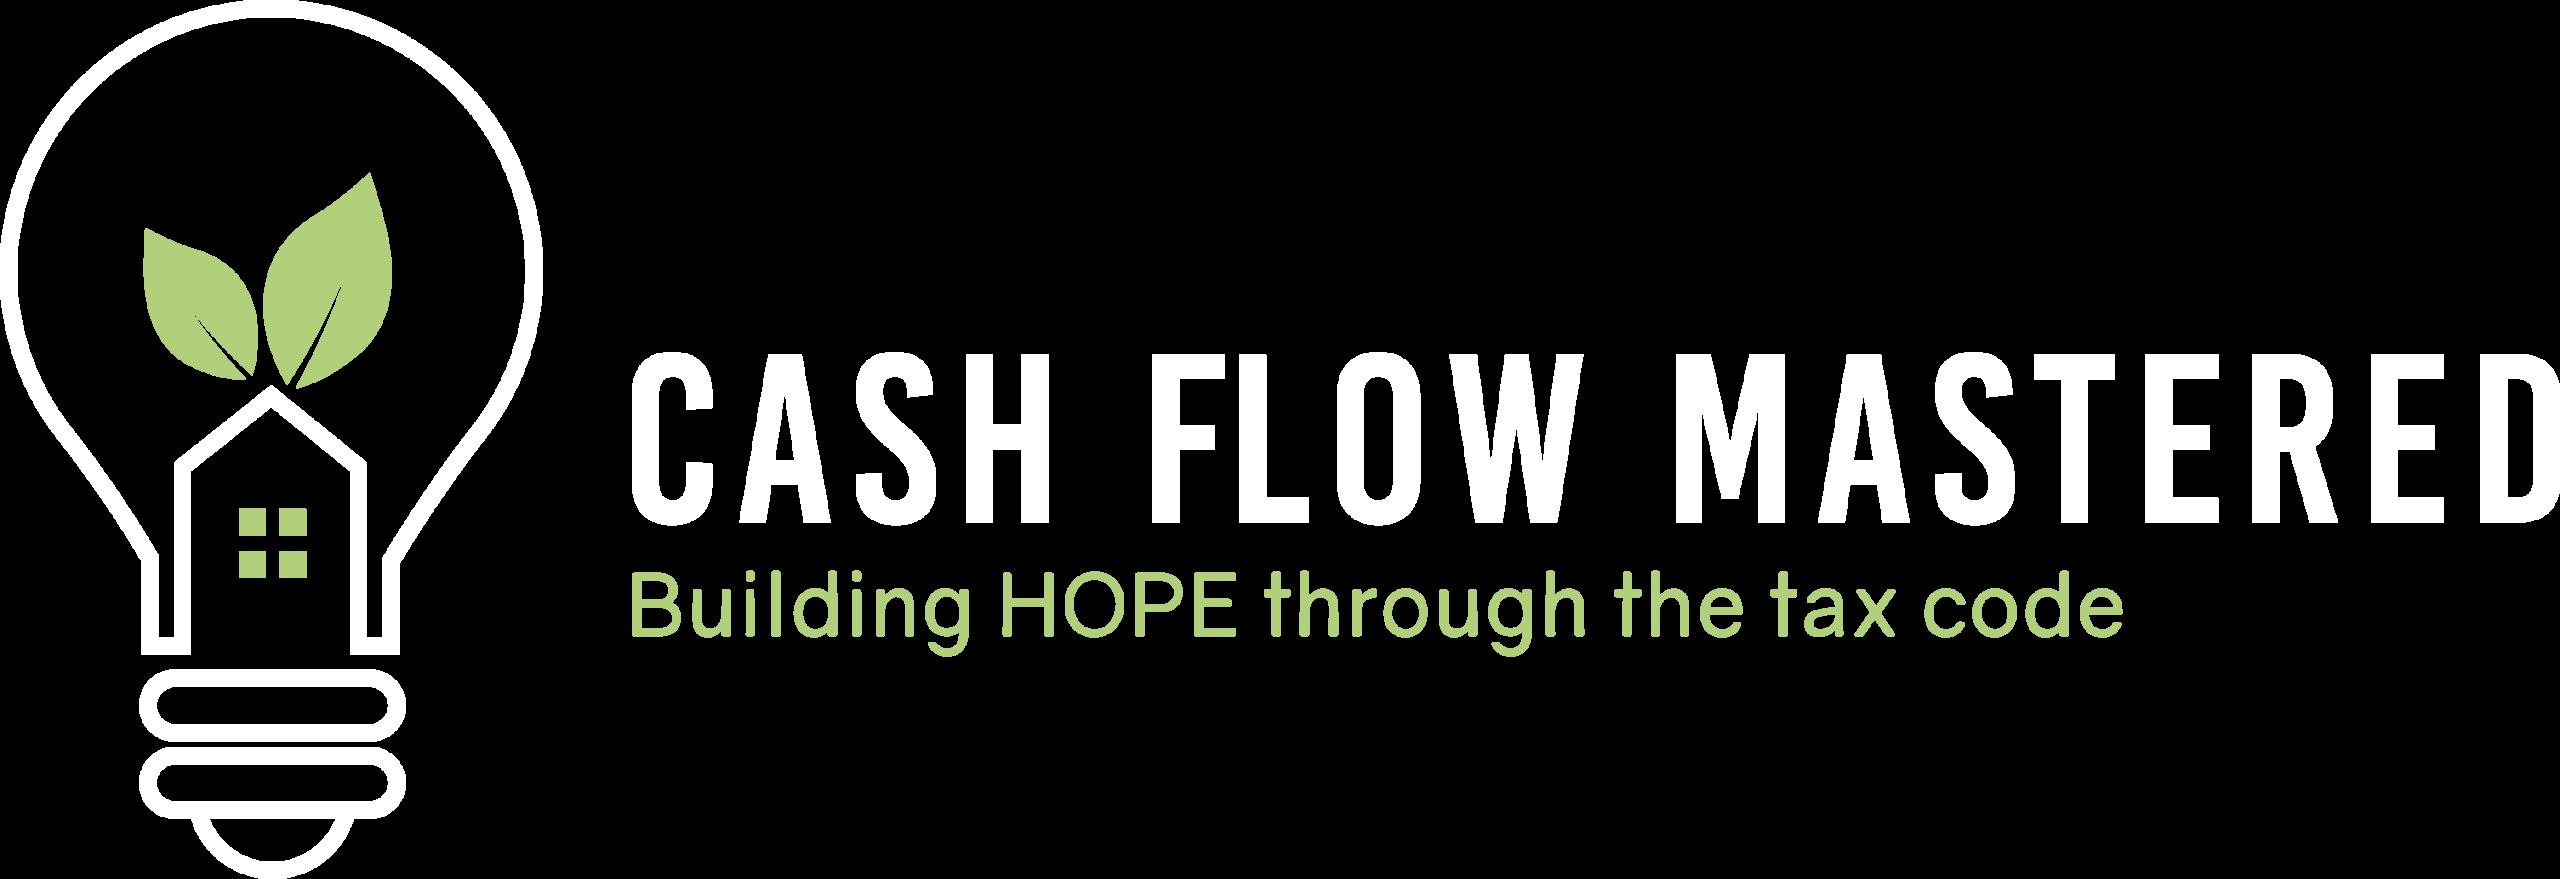 Cash Flow Mastered